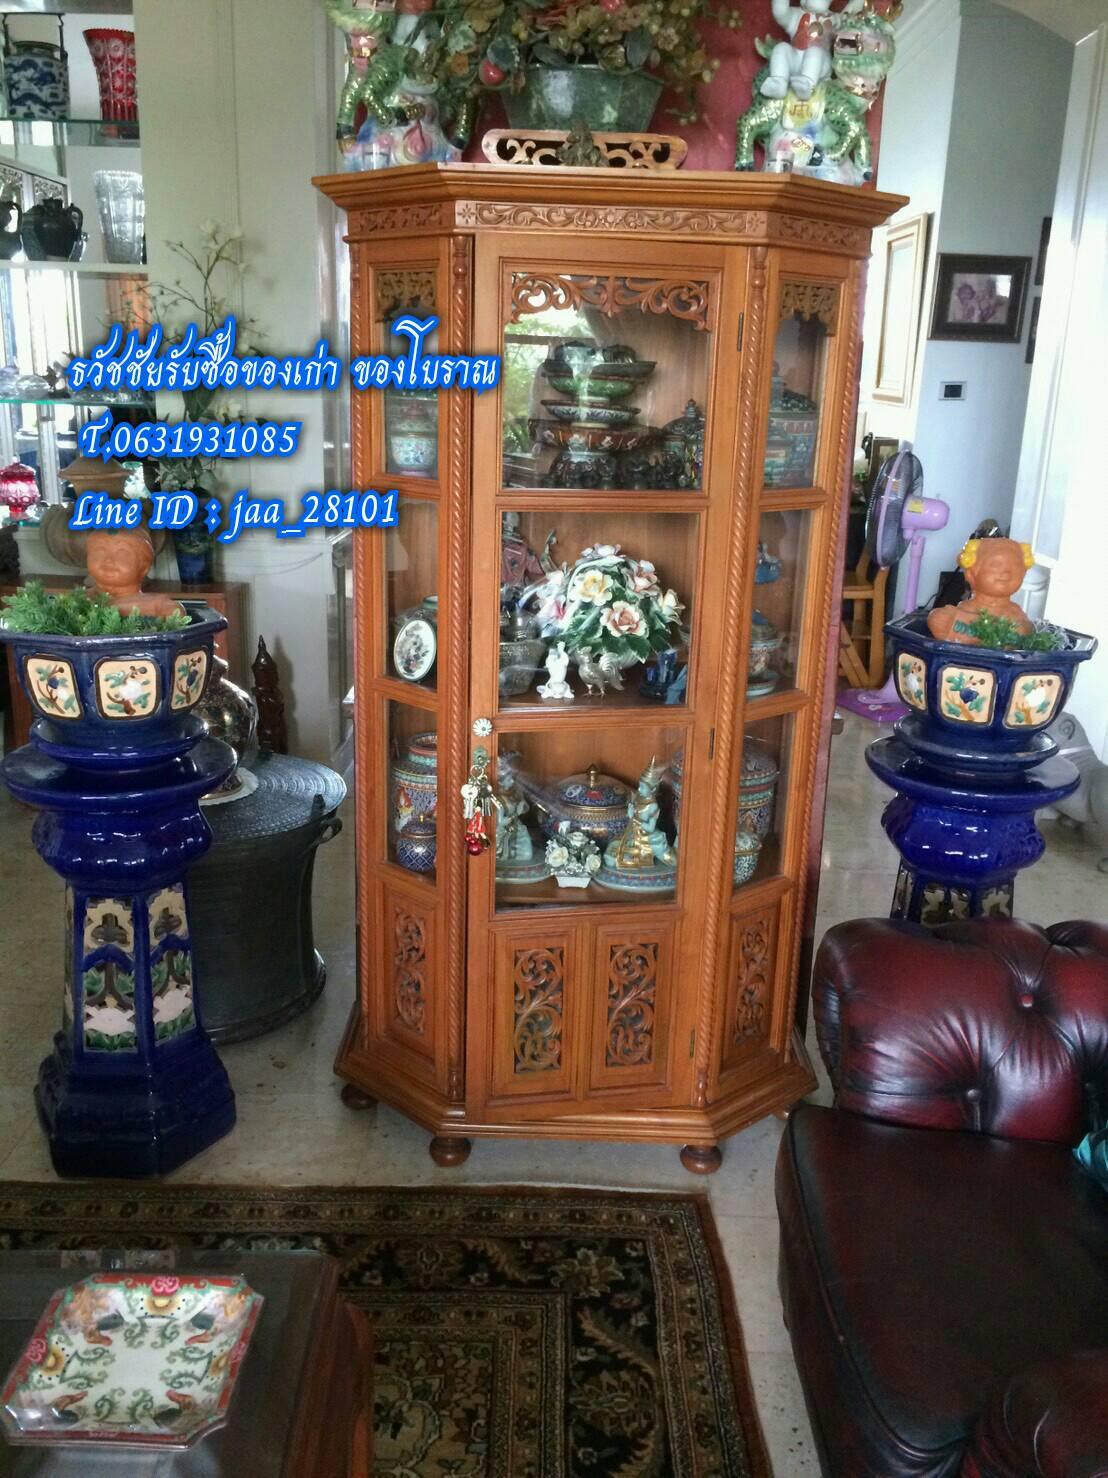 รับซื้อของสะสมเอกมัย รับซื้อของโบราณเอกมัย รับซื้อของโบราณดินแดง รับซื้อของสะสมปทุมวัน รับซื้อของเก่าสะสมประตูน้ำ รับซื้อของสะสมรัชดา รับซื้อของสะสมอนุสาวรีชัย รับซื้อสะสมพระราม6